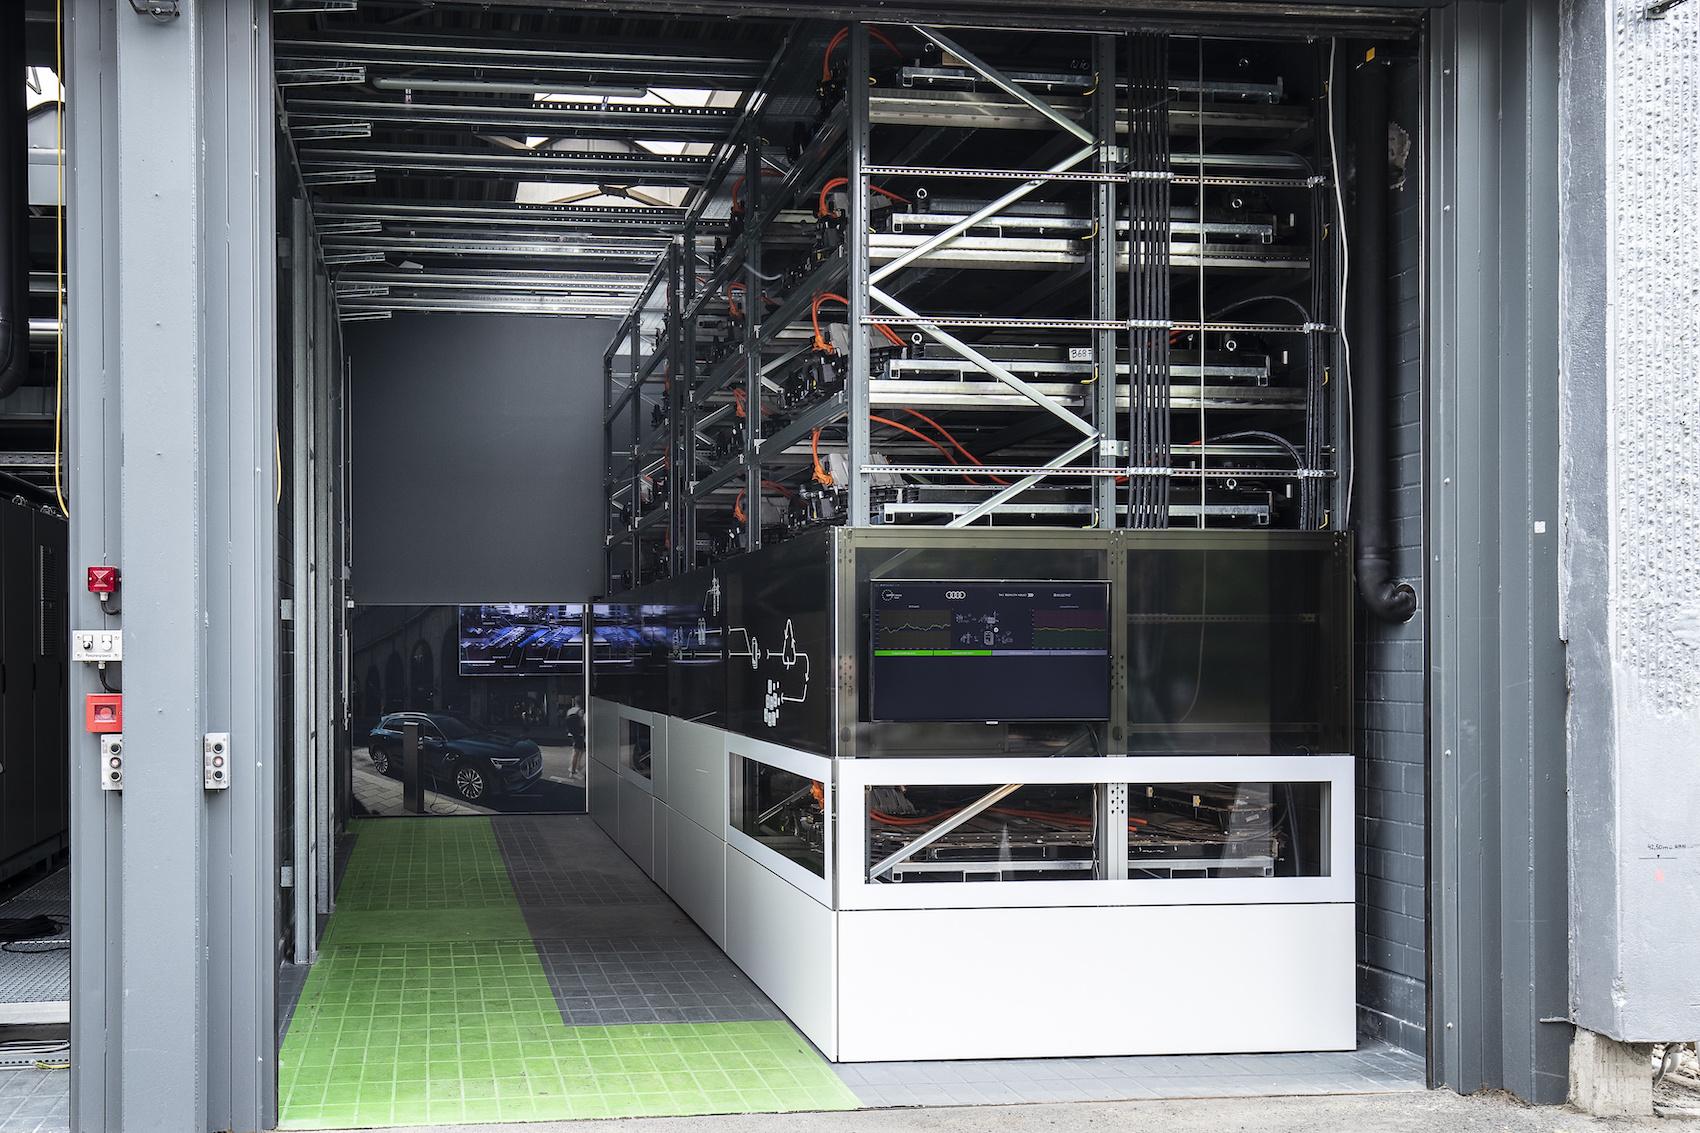 Visuale dell'accumulatore di energia presso il campus EUREF.